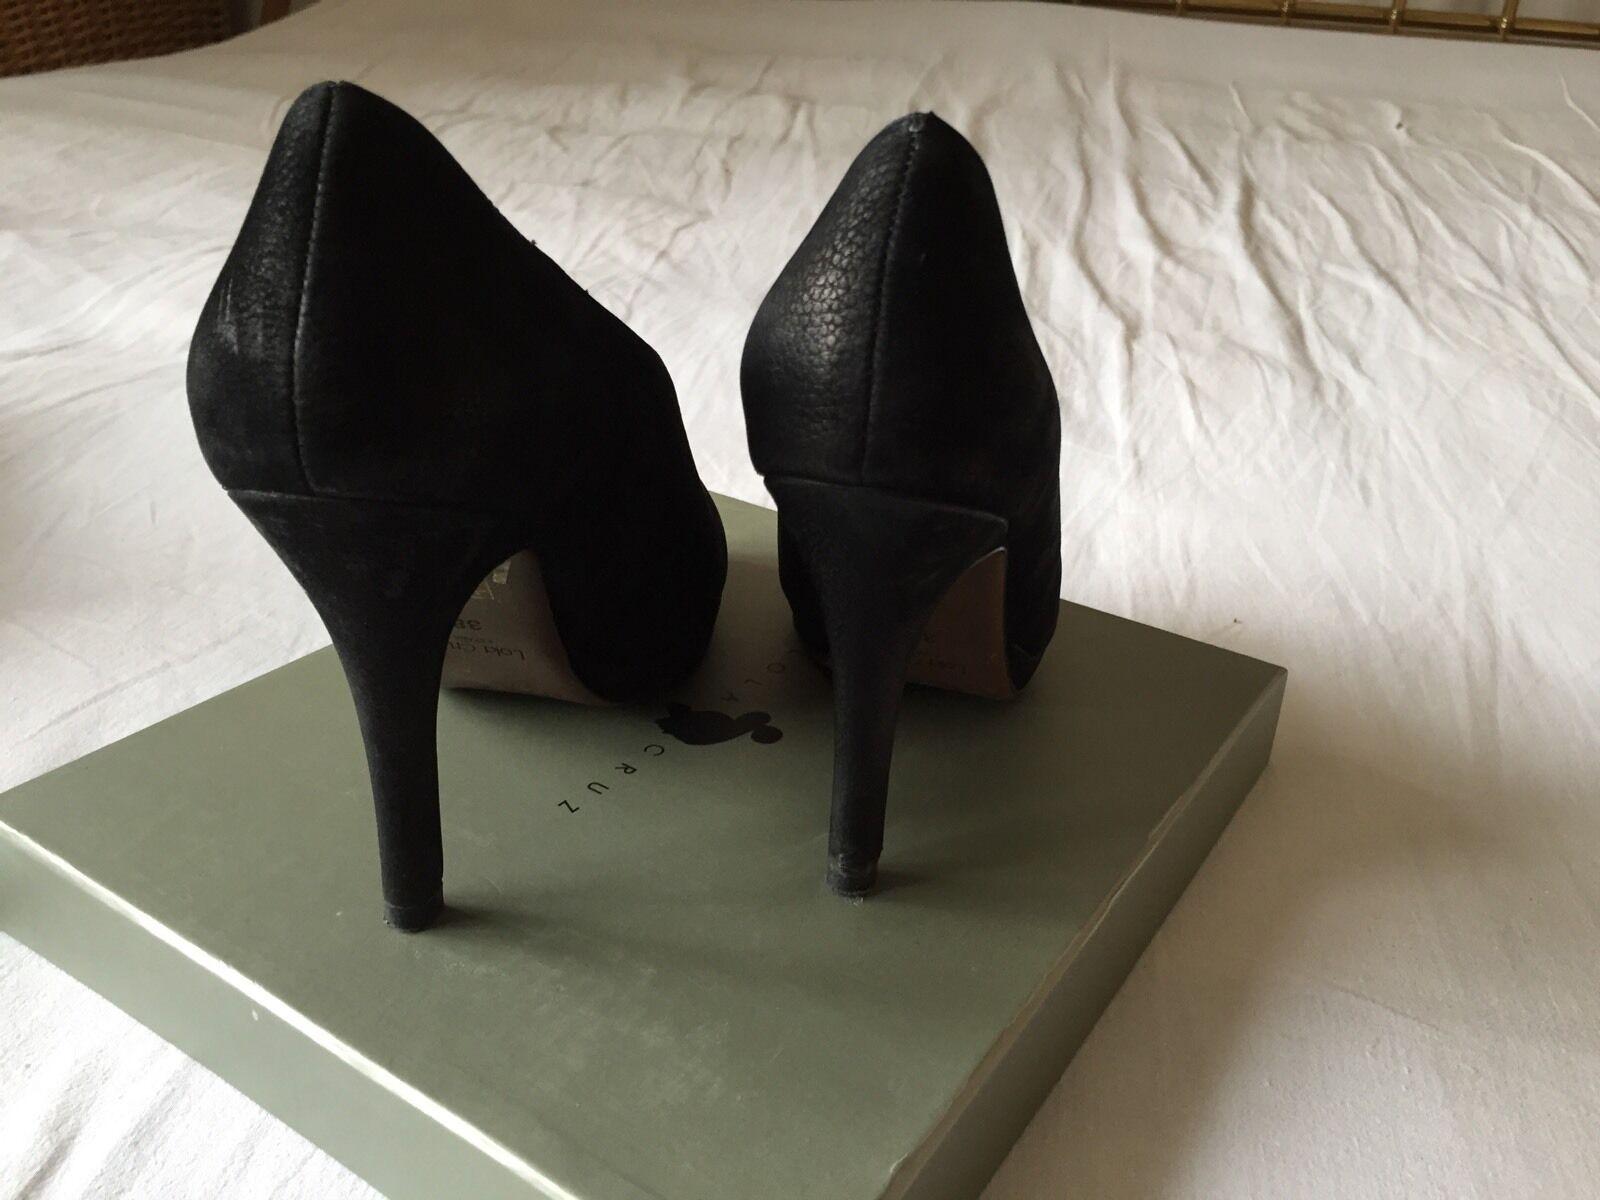 Bota Caminodelexito Lola es Negro F711d1 Cruz Zapato hQrCxtsdB